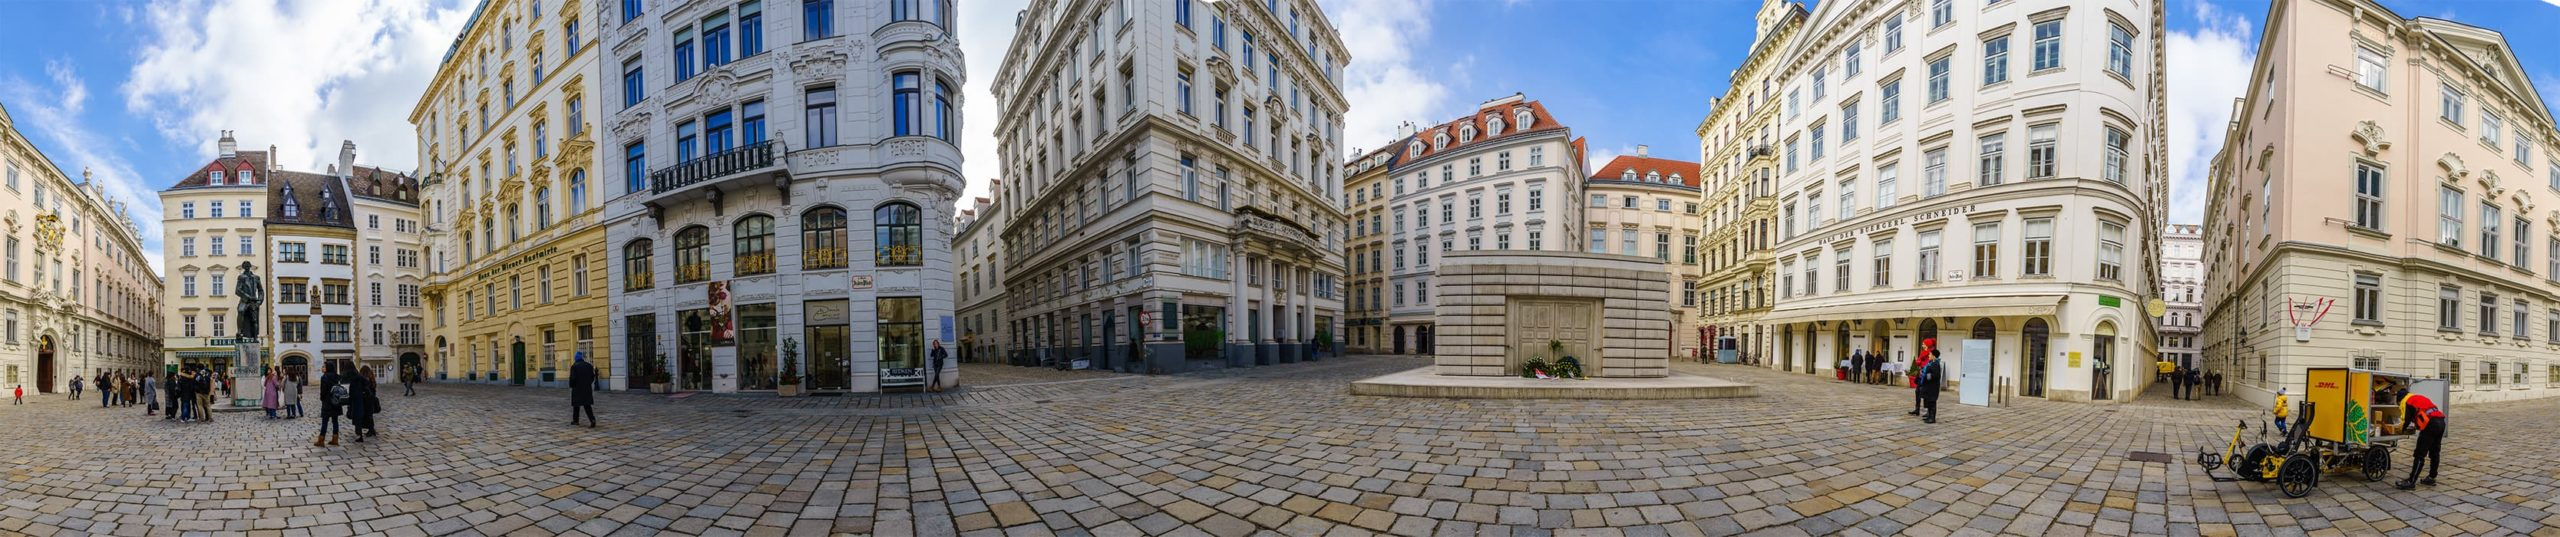 wien-panorama-judenplatz